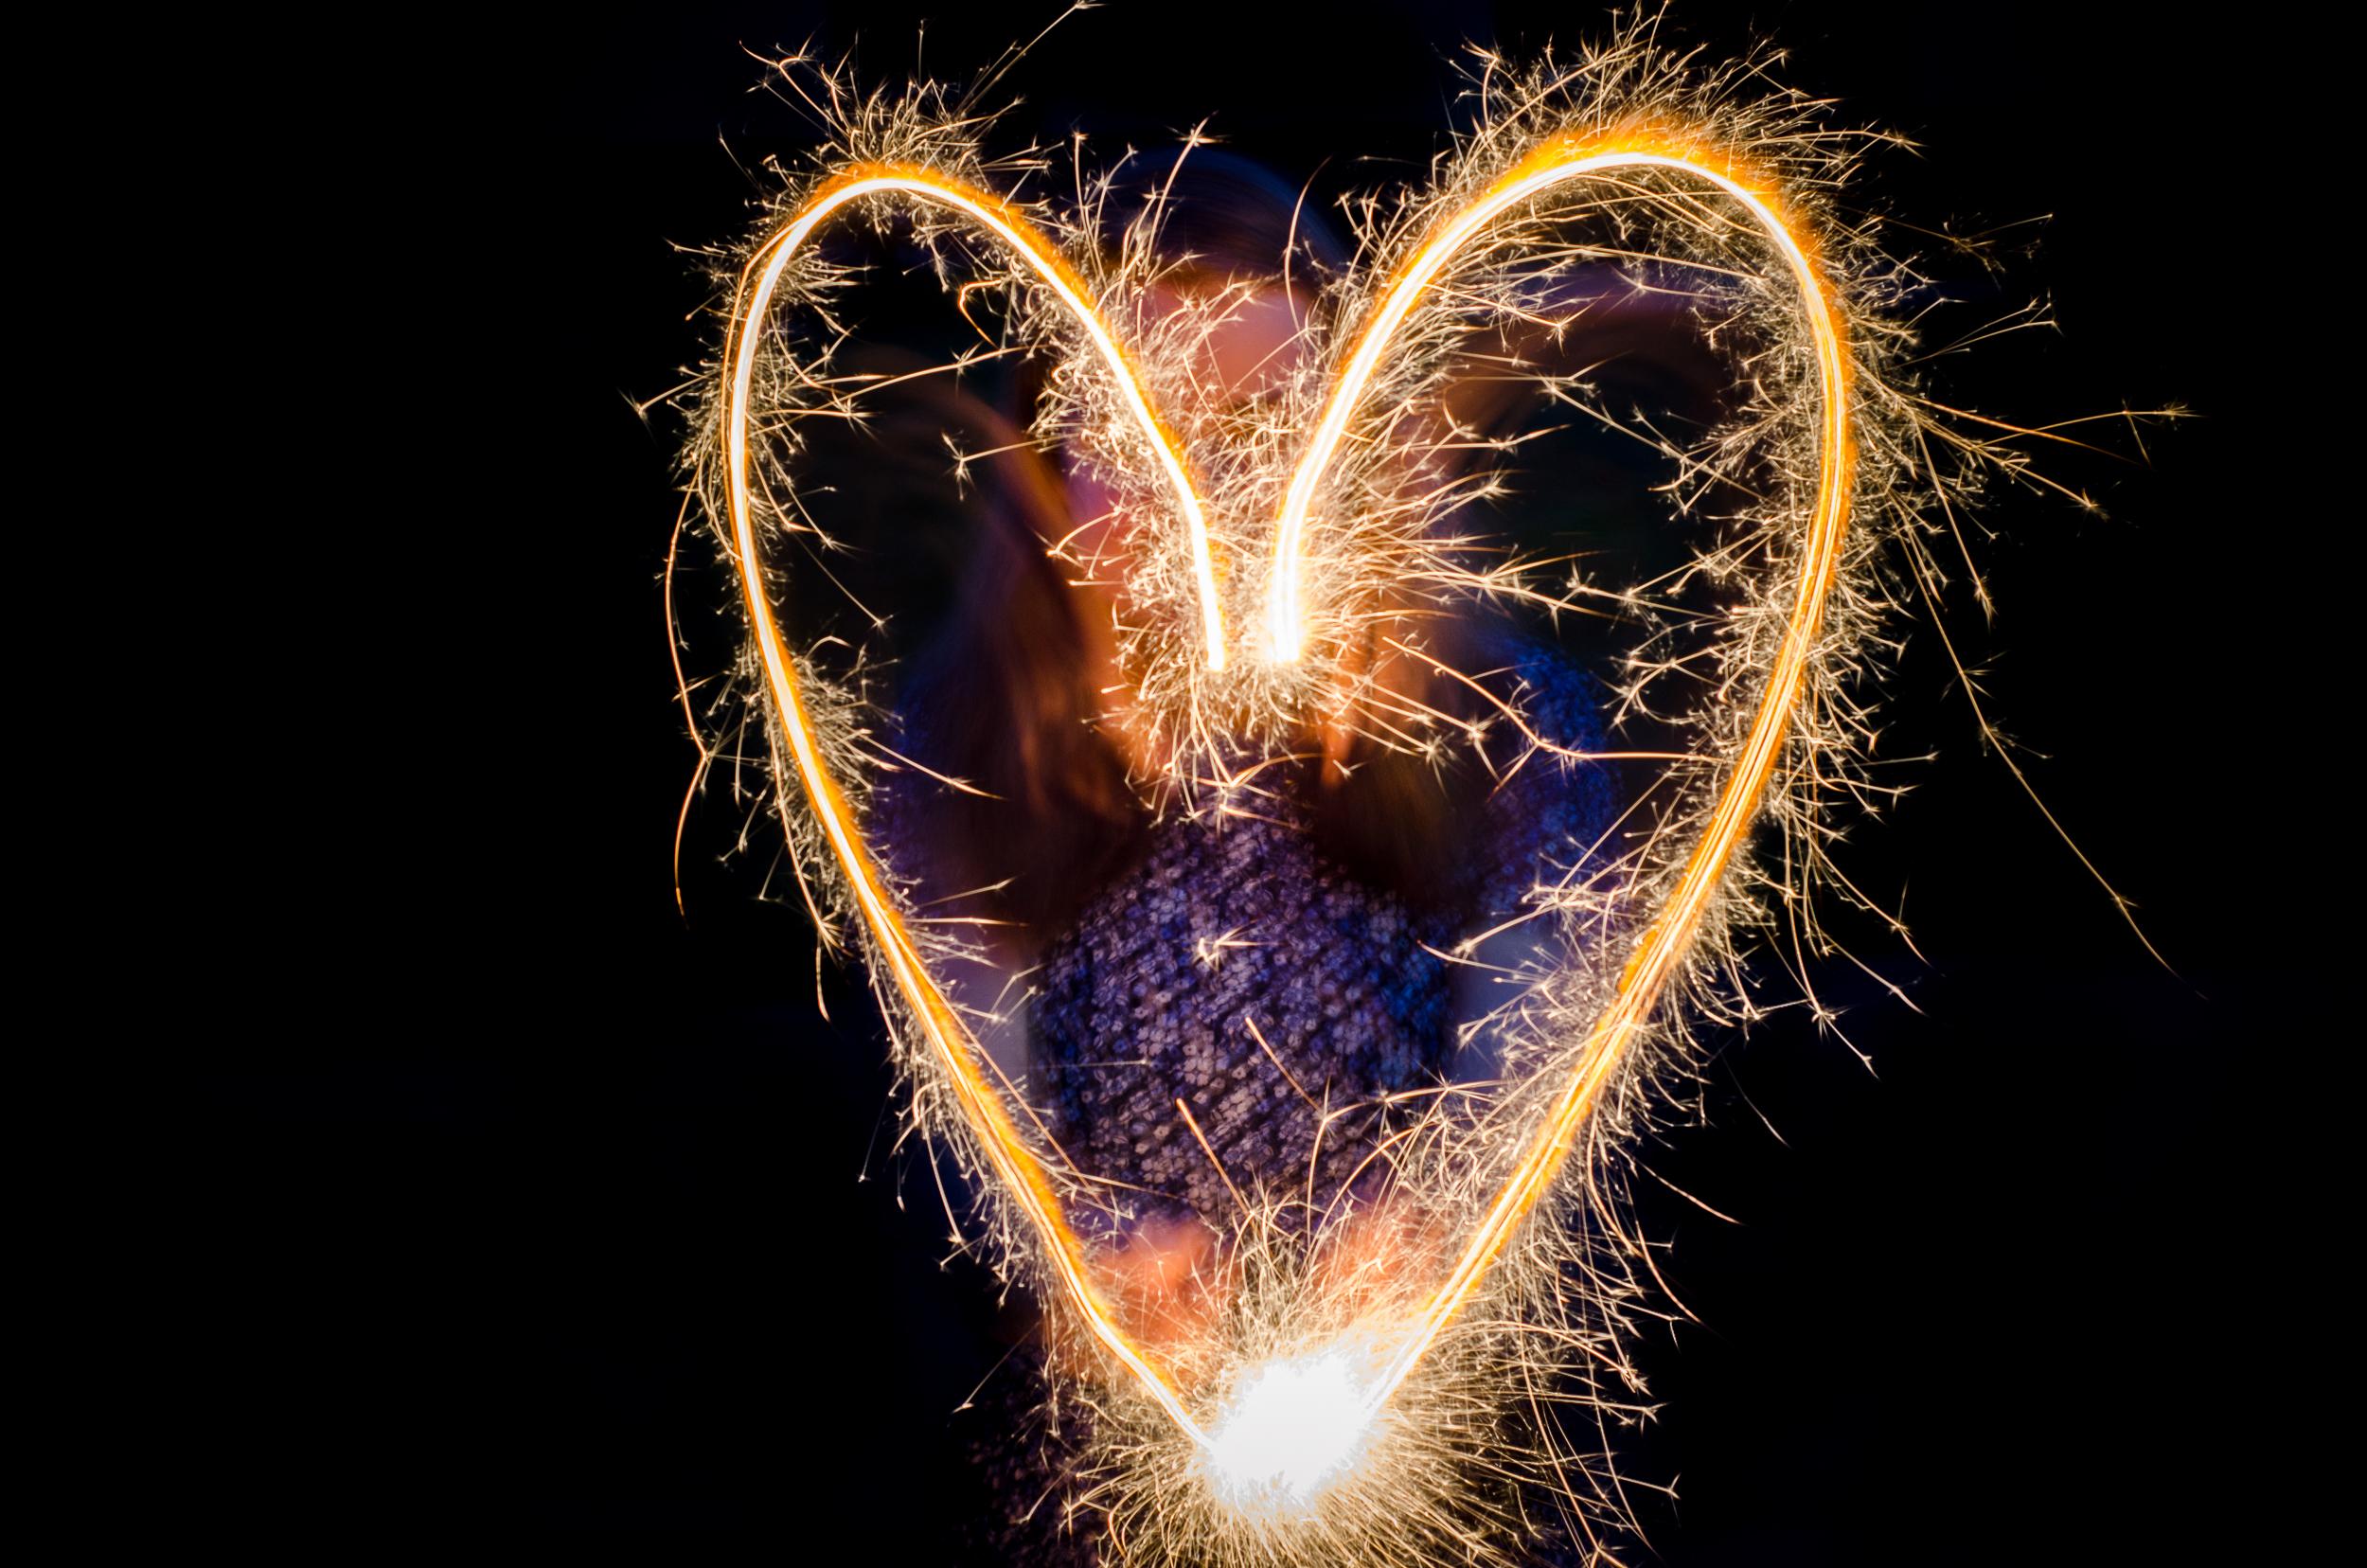 Sparkler Love  Nikon D7000 ISO 100 f/8 50mm 2 sec.